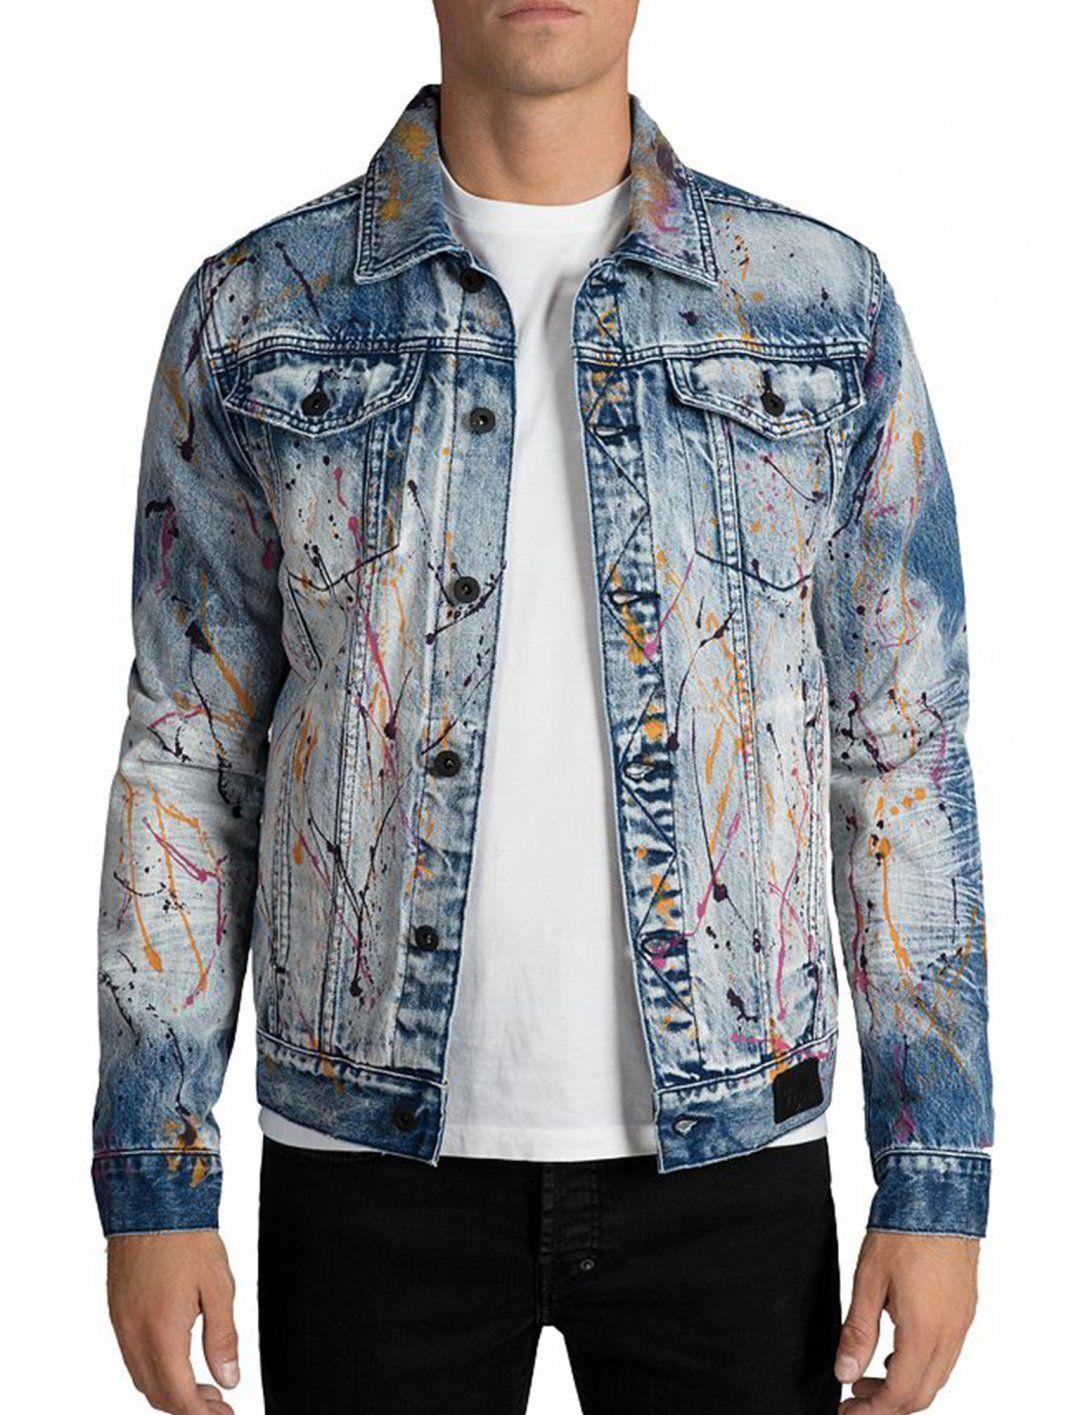 Denim Jacket Paint Splatter Prps Denim Jacket Denim Jacket Trend Wholesale Denim Jackets [ 1415 x 1080 Pixel ]